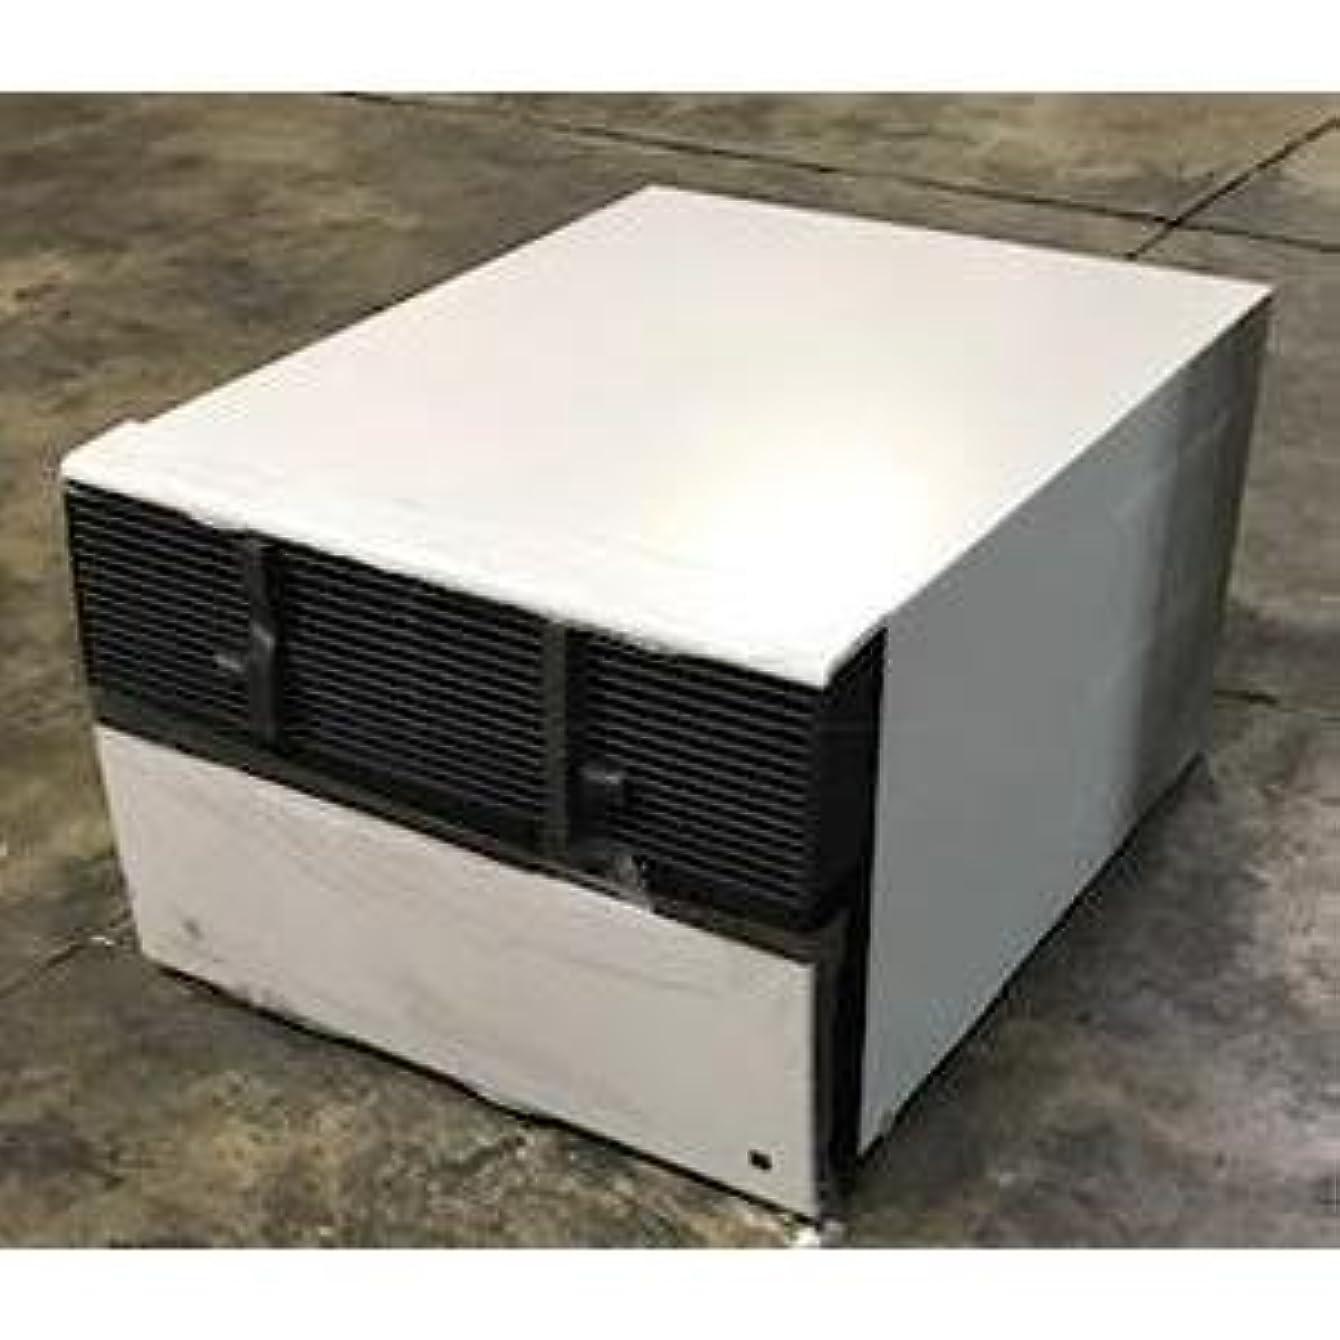 KUHL SL24N30B-A 24,000 BTU